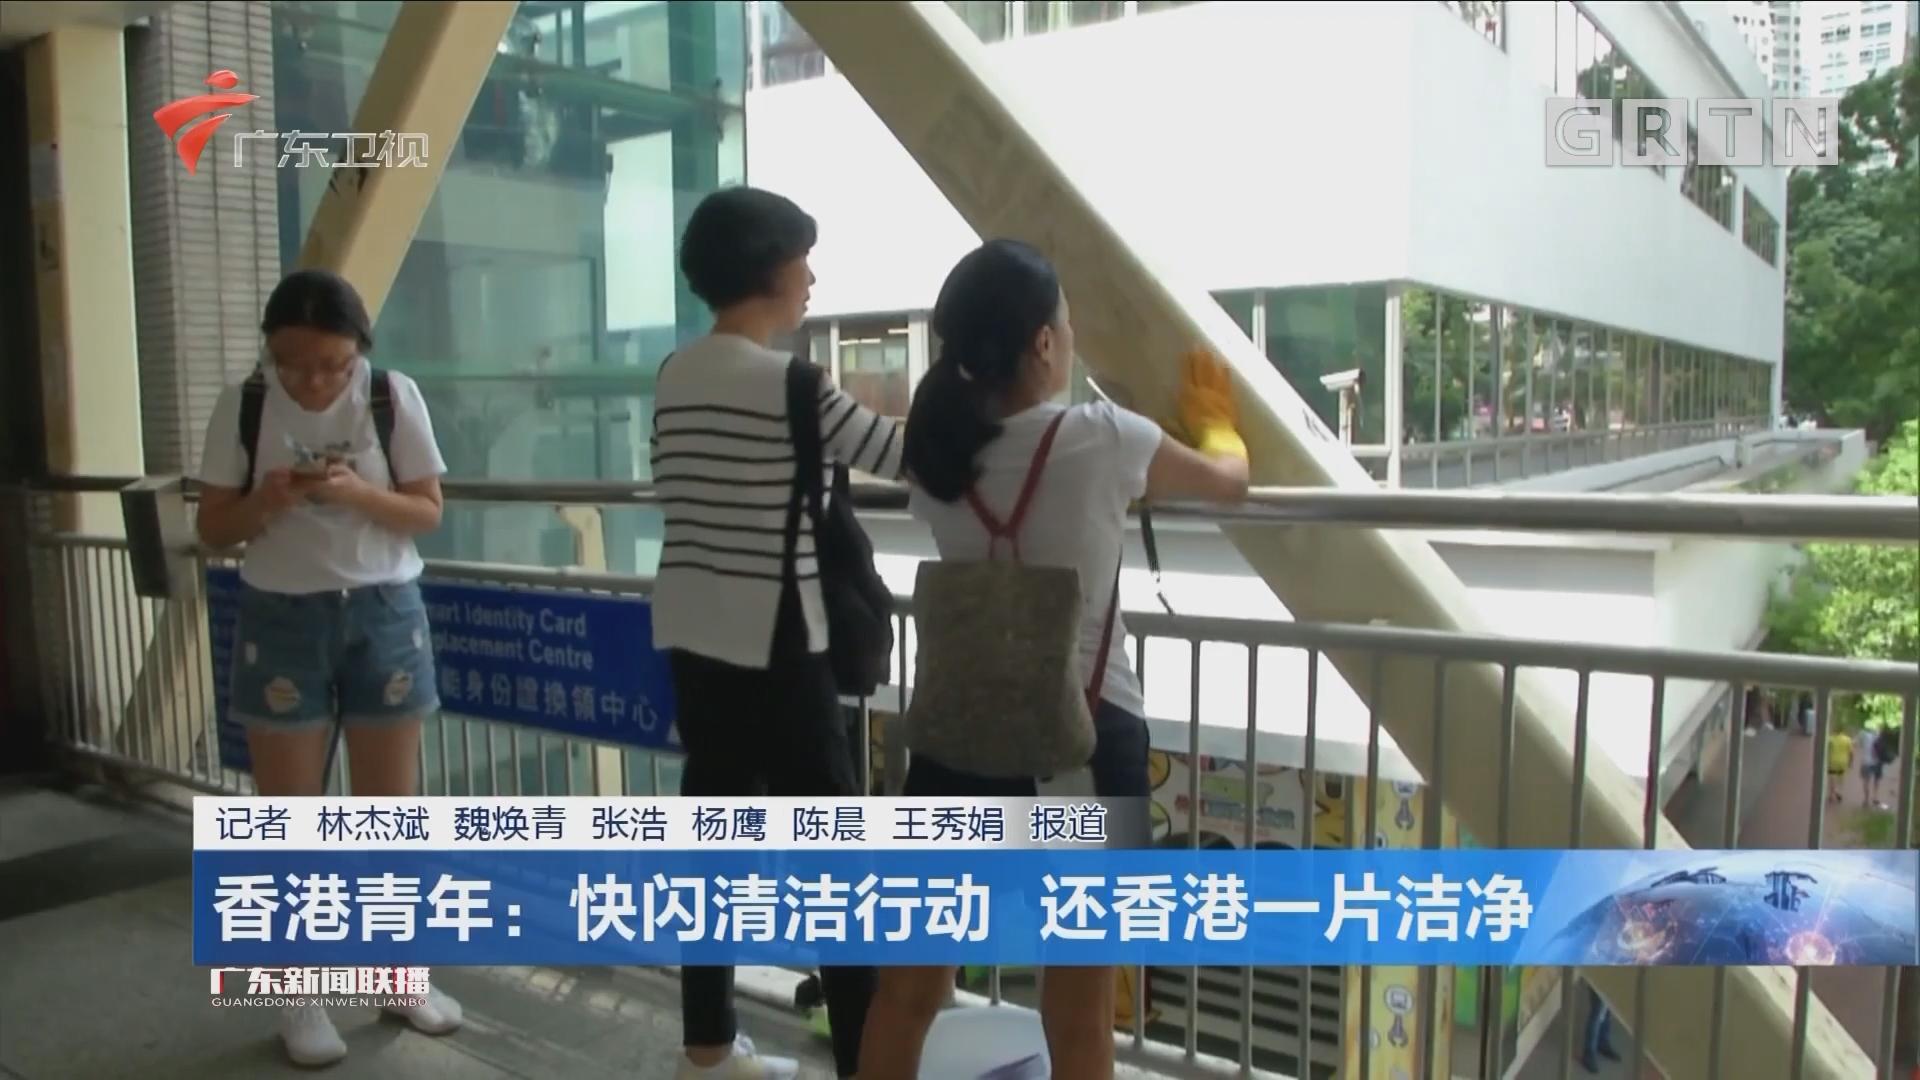 香港青年:快闪清洁行动 还香港一片洁净